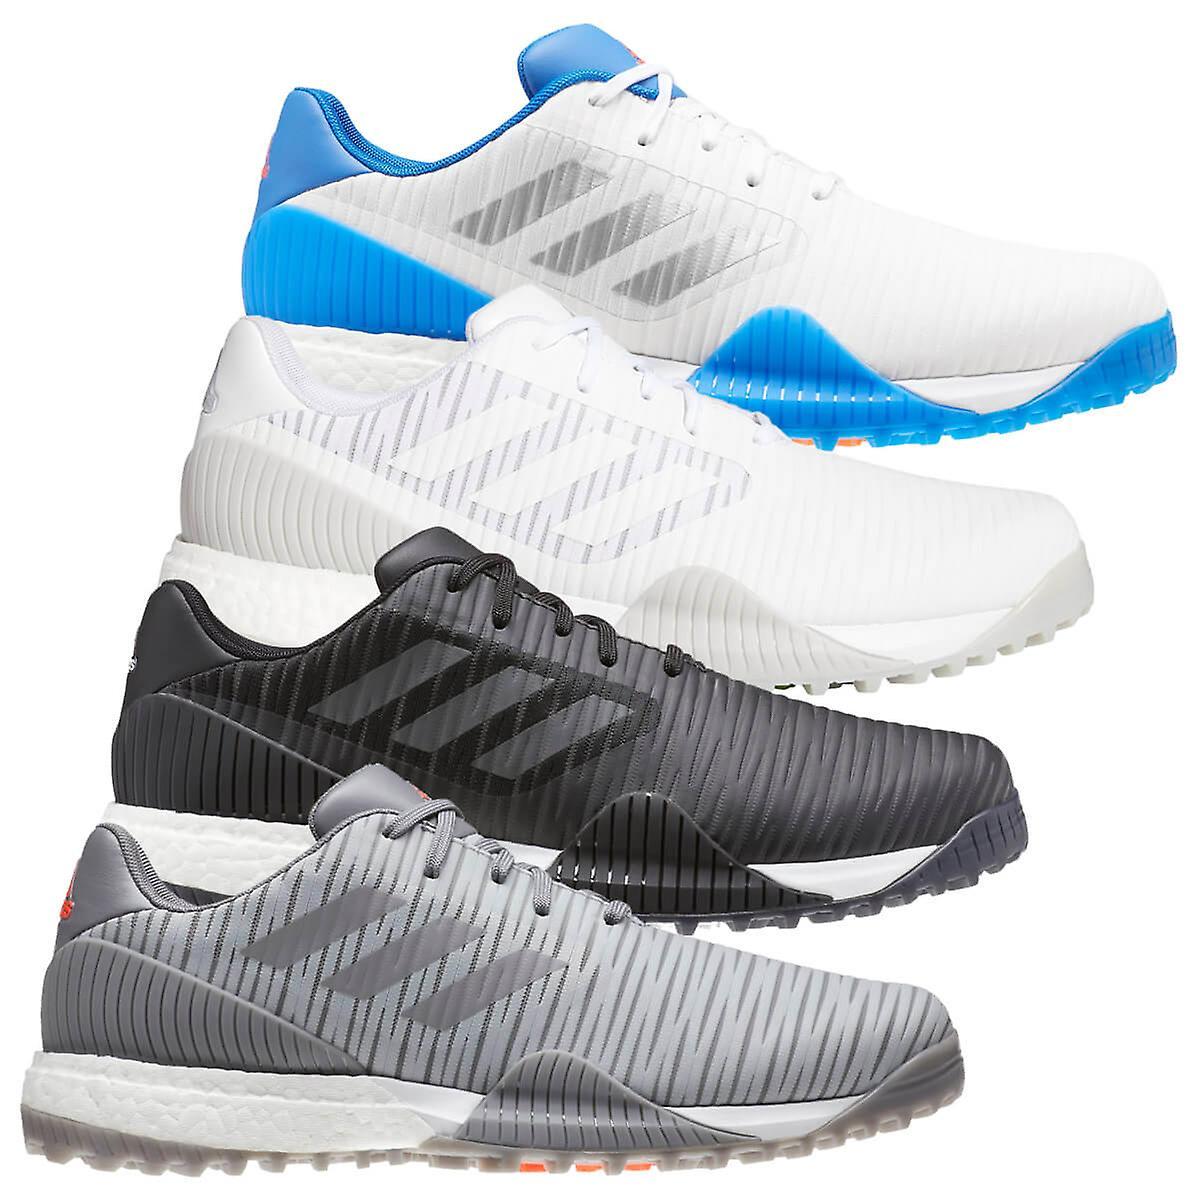 adidas Golf Hommes 2020 Code Chaos Sport imperméable à l'eau Chaussures de golf légères Blanc/argenté/bleu UK 8.5